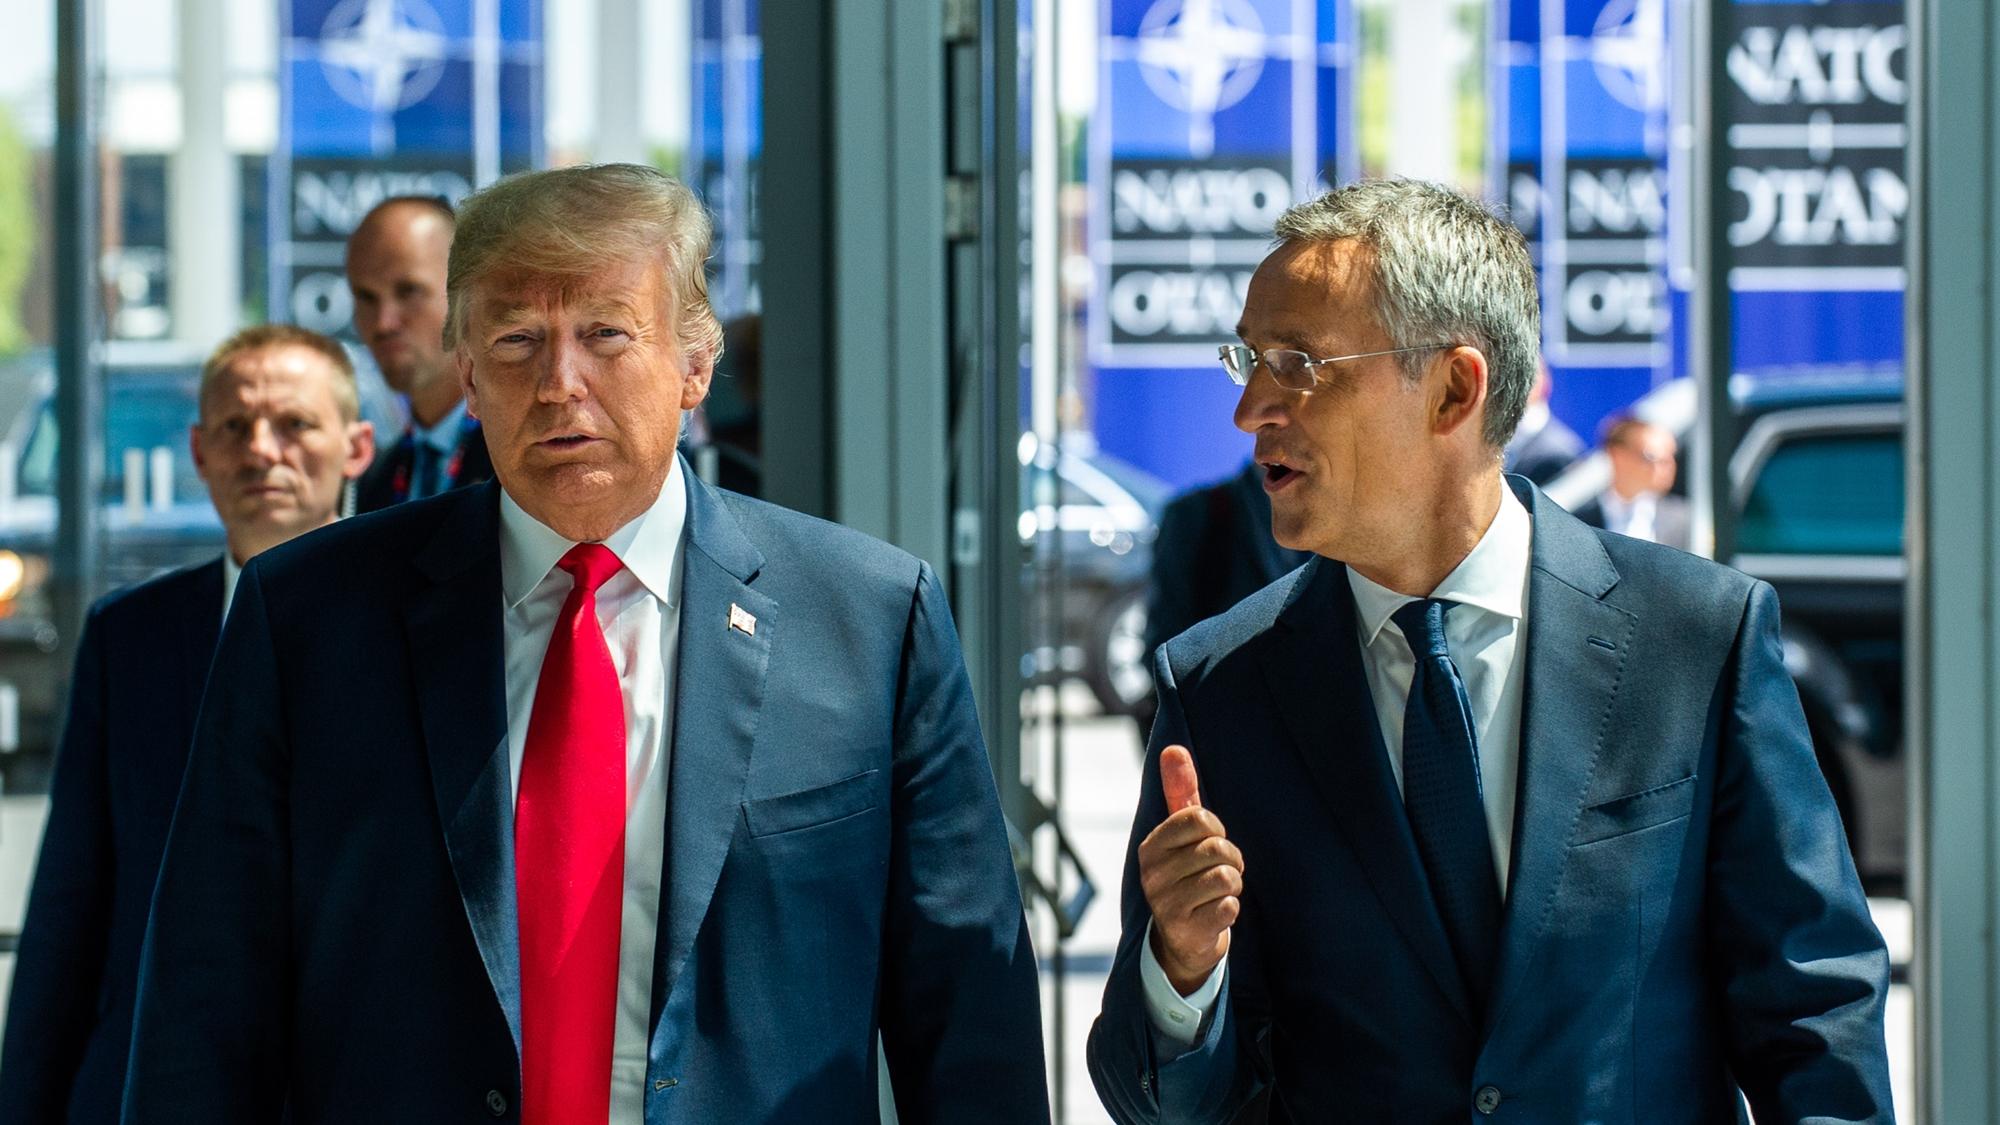 Trump tensa la OTAN y acusa a Alemania de ser 'prisionera' de Rusia